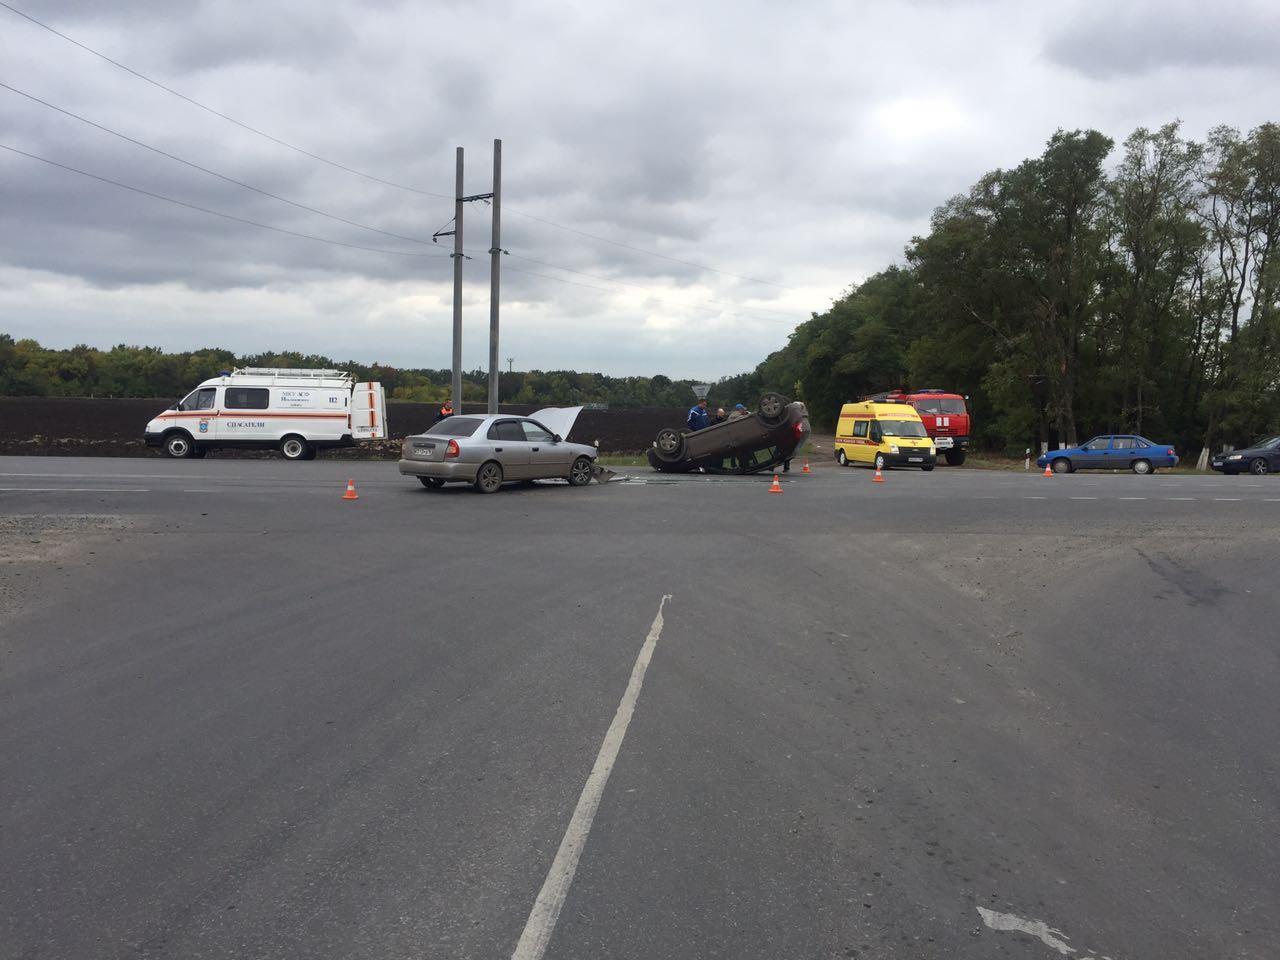 Под Таганрогом в результате столкновения перевернулся Renault Sandero, пострадал ребенок